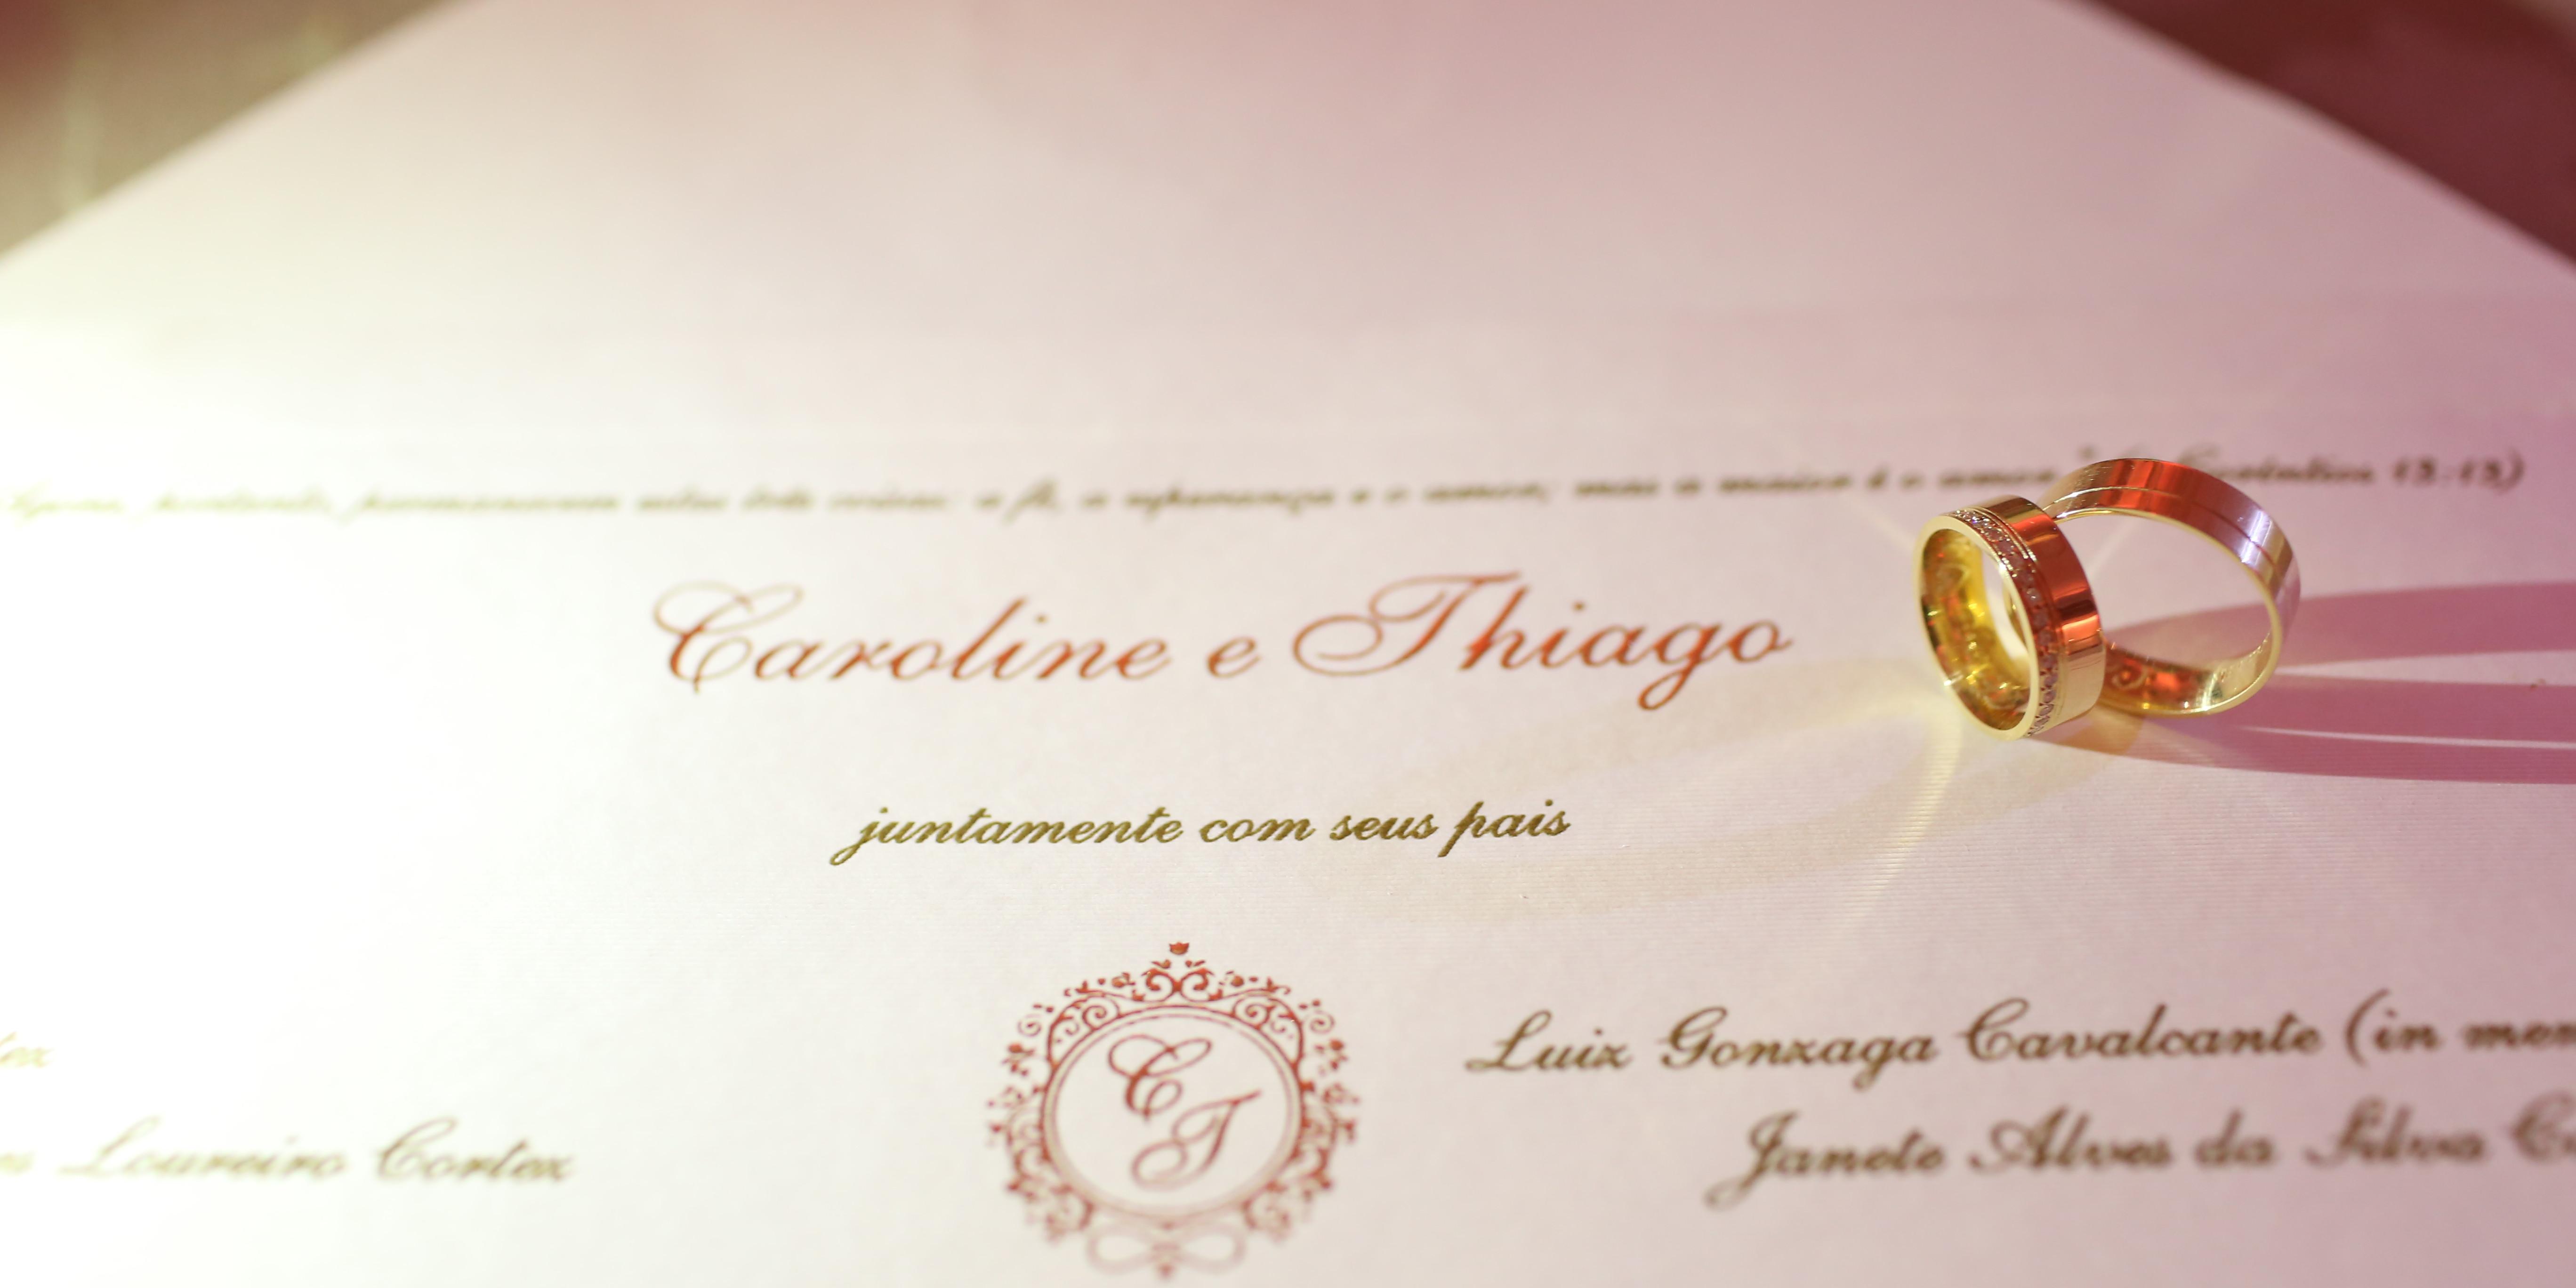 Fotos de casamento convite